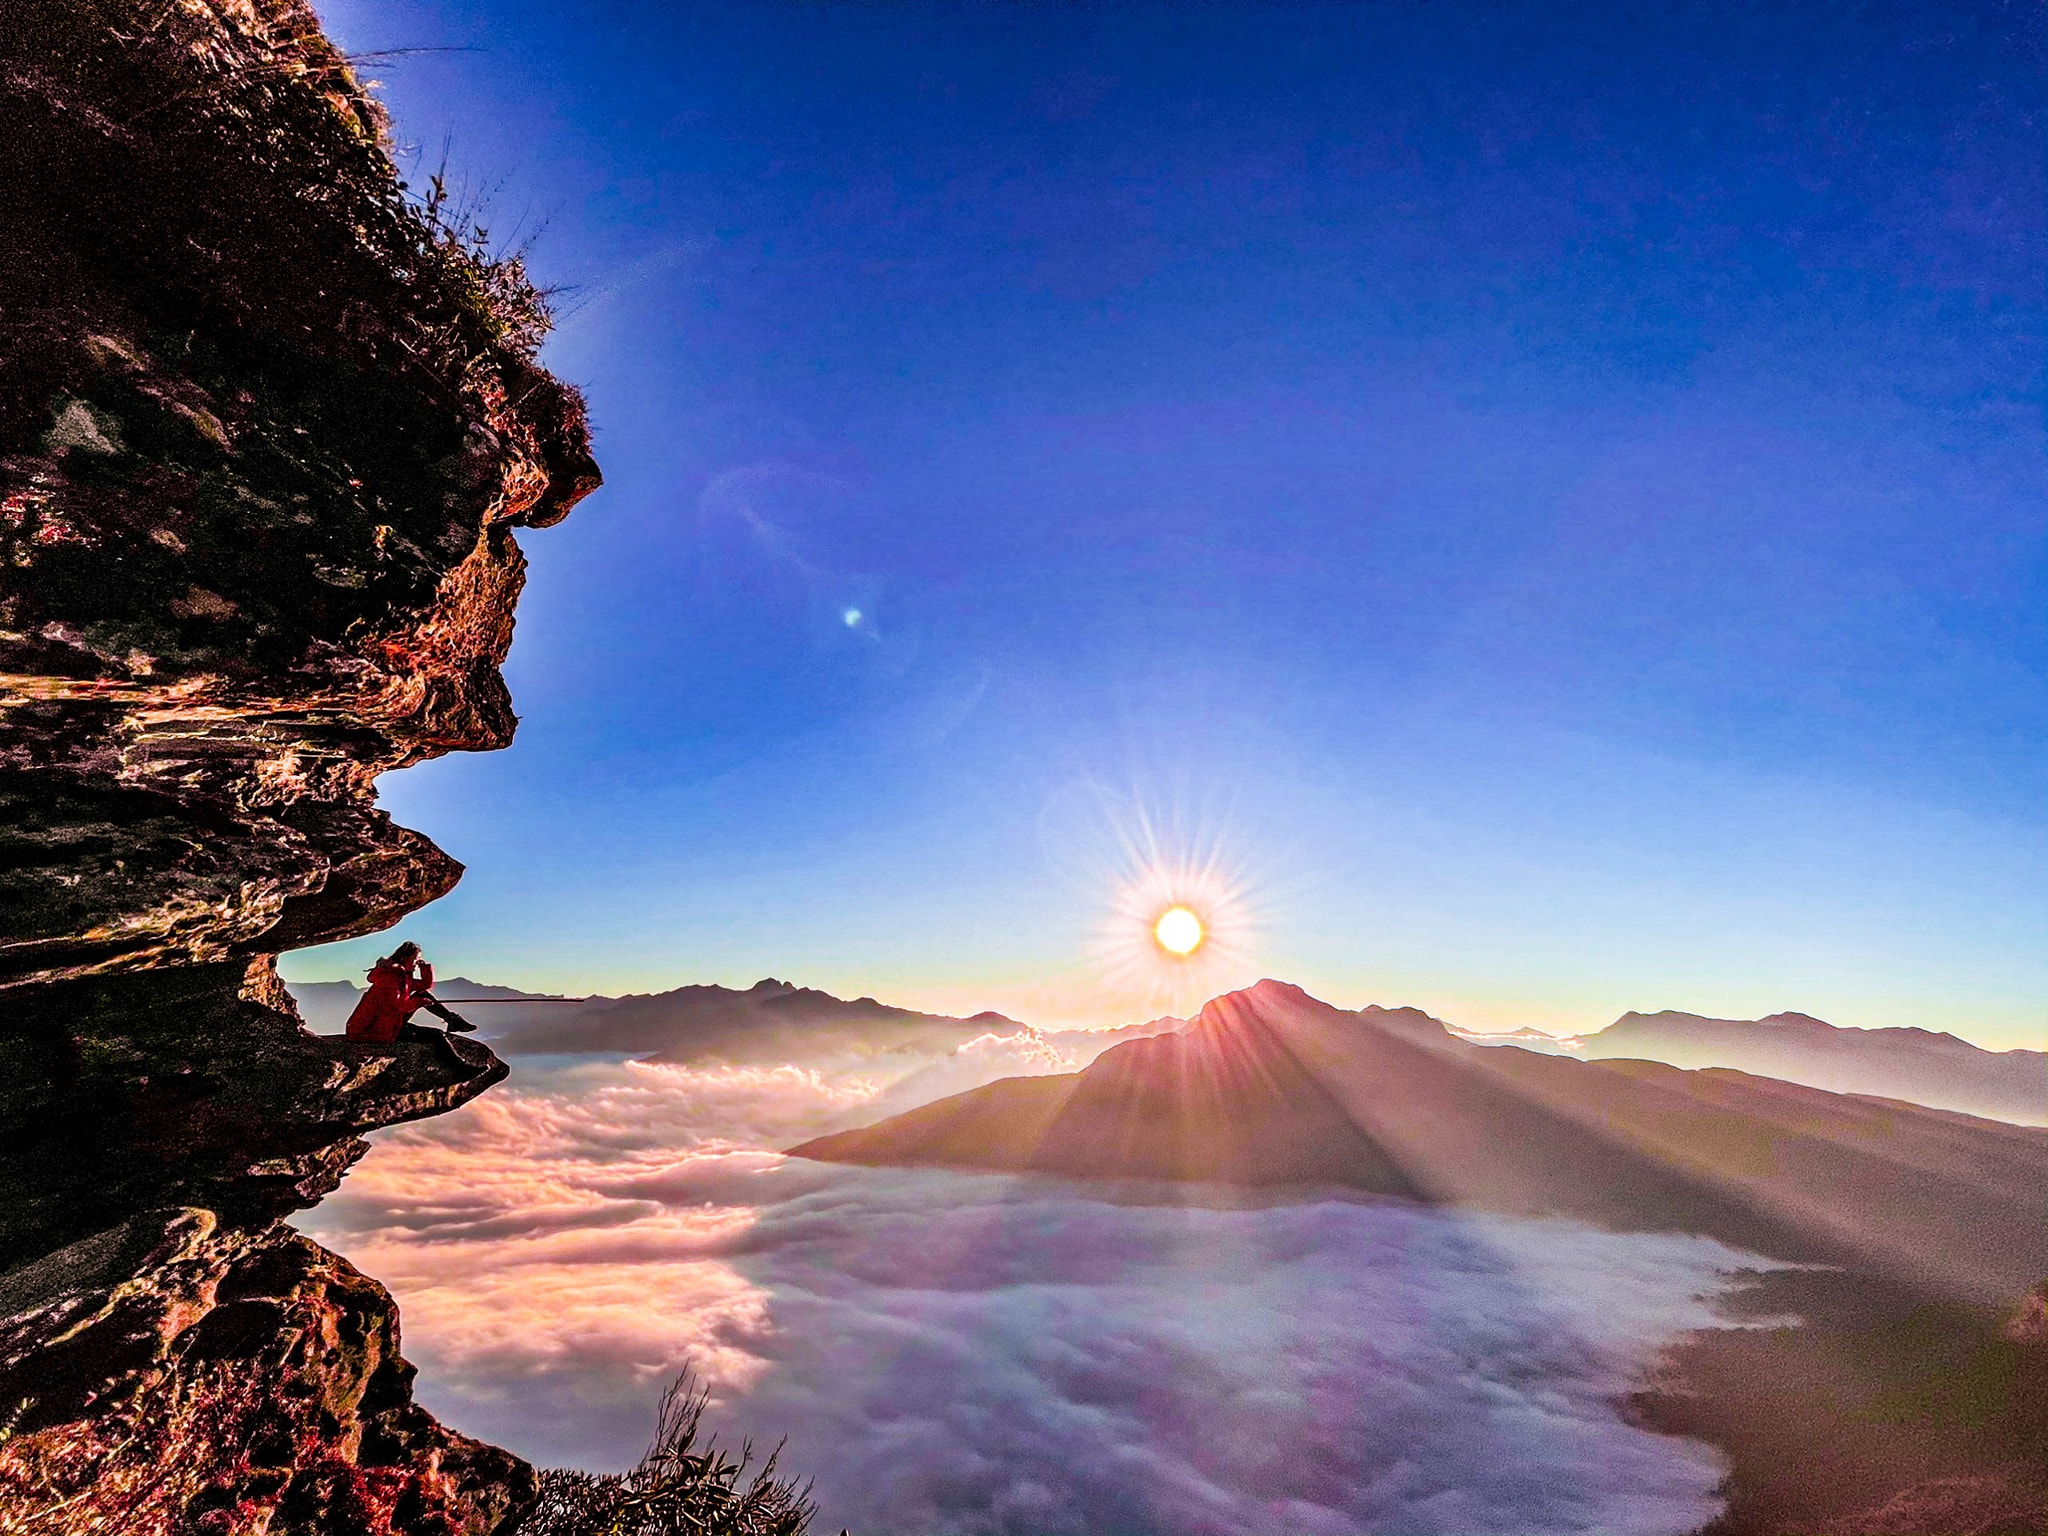 Trải nghiệm chuyến săn mây tại Y Tý - Lảo Thần 3N2Đ